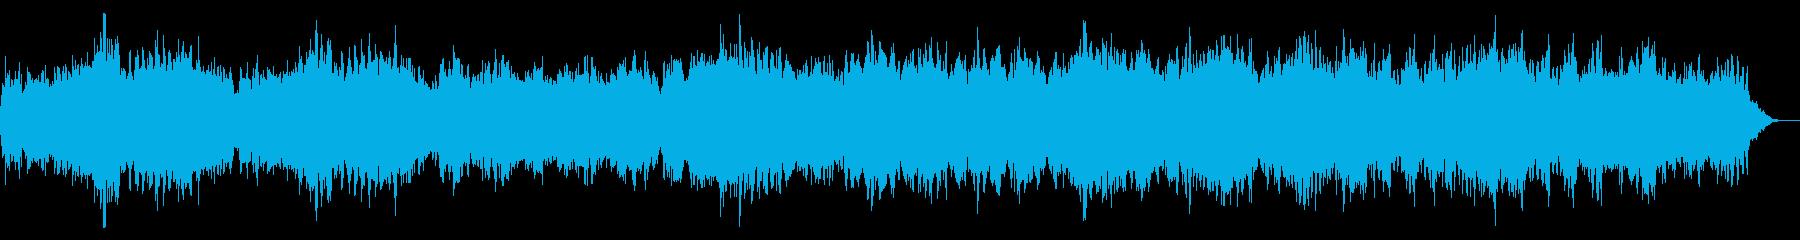 トルコ行進曲 モーツァルト ストリングスの再生済みの波形